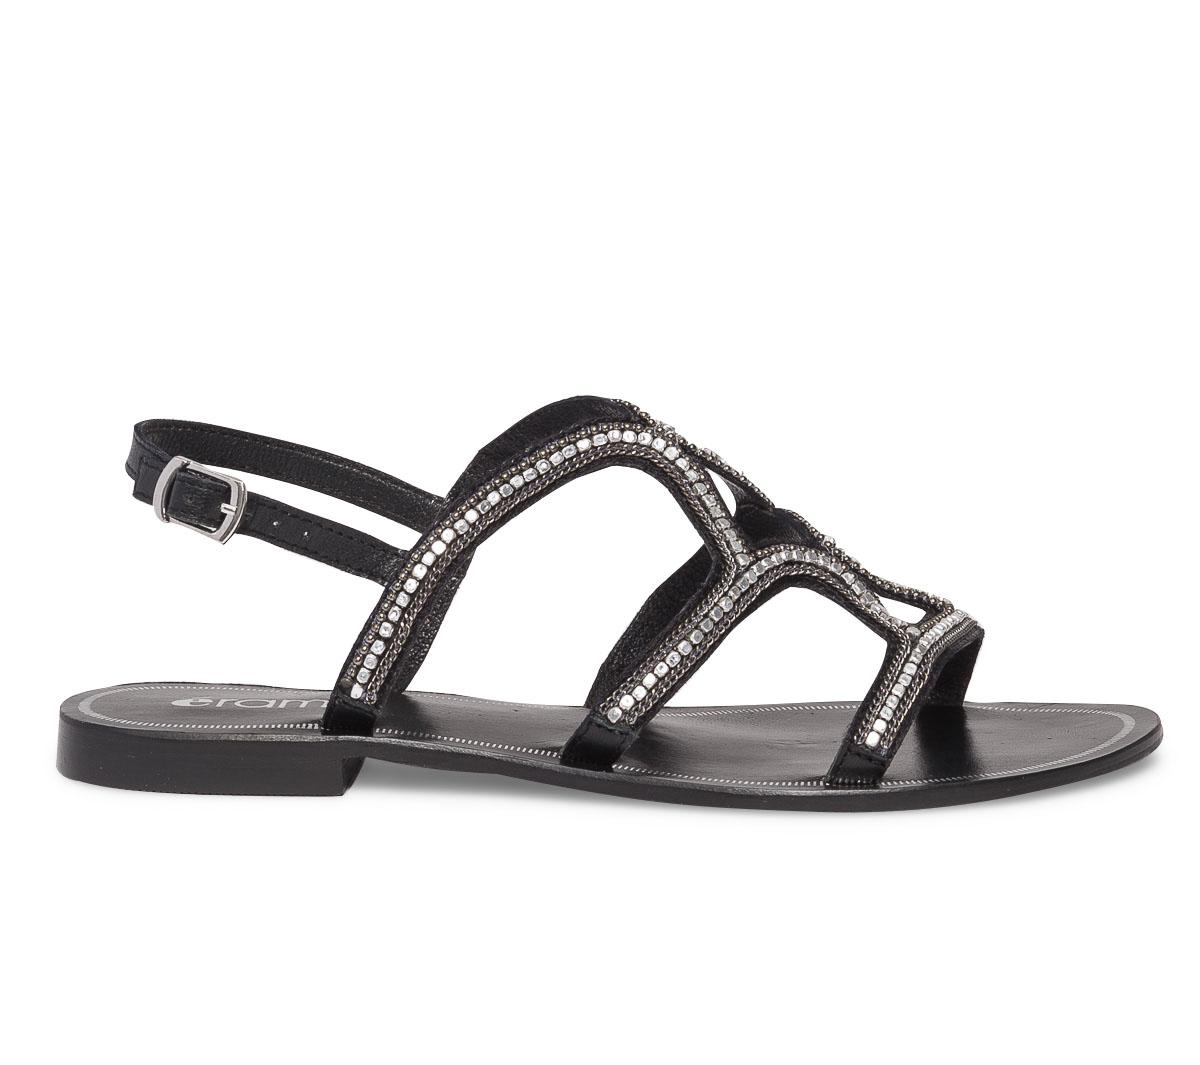 Eram Sandale Esprit Esprit Bijou Eram Noire Sandale Noire T3K1culFJ5